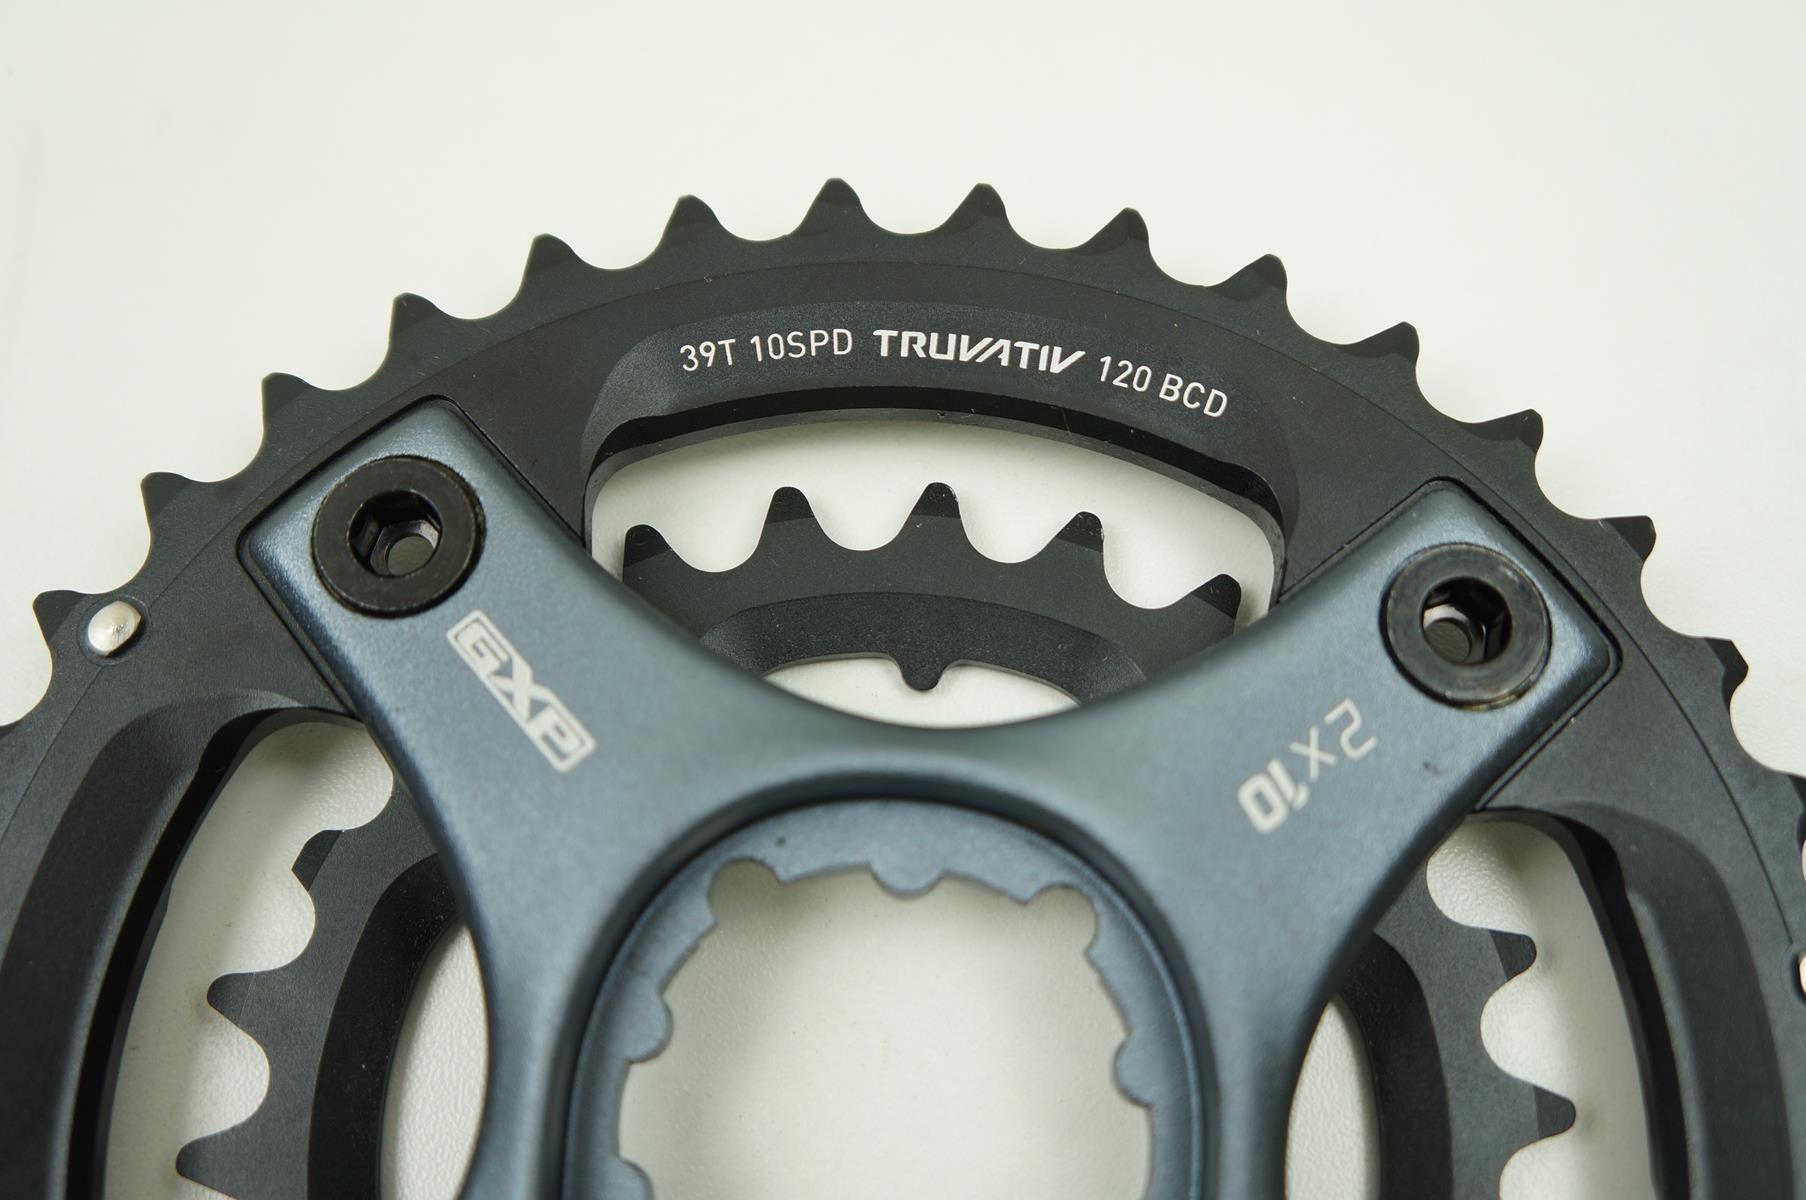 Coroas Mtb Sram Truvativ 39 E 26t 2x10 Bcd 120 80mm com Spider